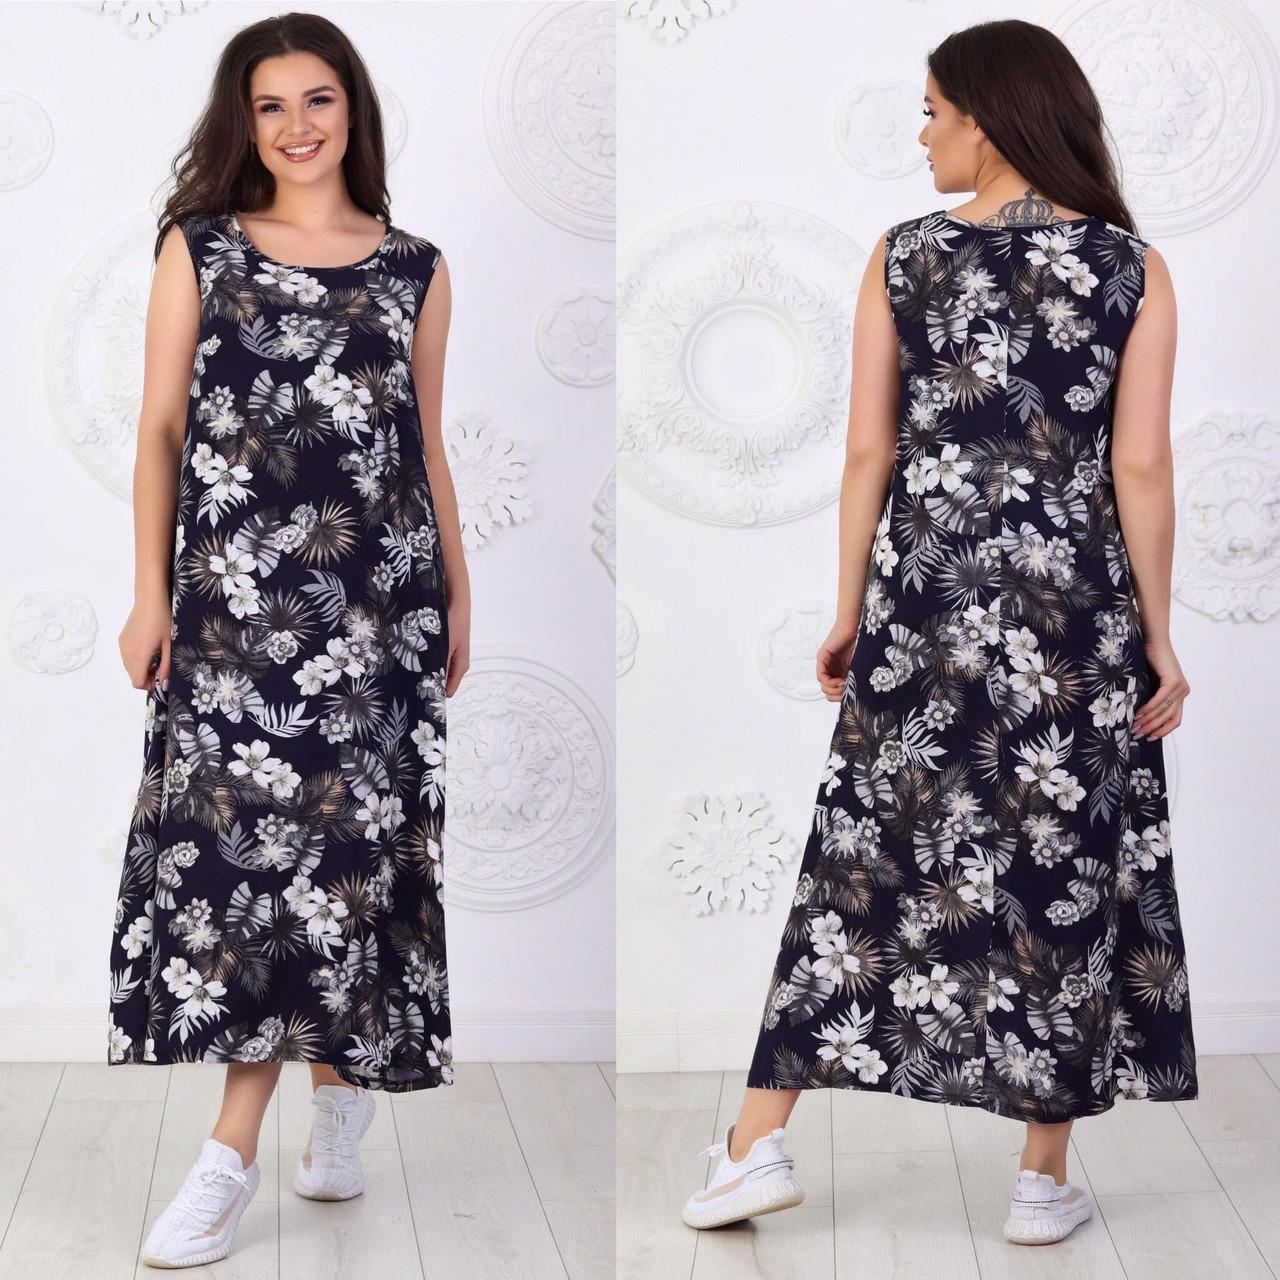 Платье длинное, летнее, свободного стиля штапельное, 2 цвета р.S(42-44), М( 46-48), L(50-52), XL (54-56) 006И